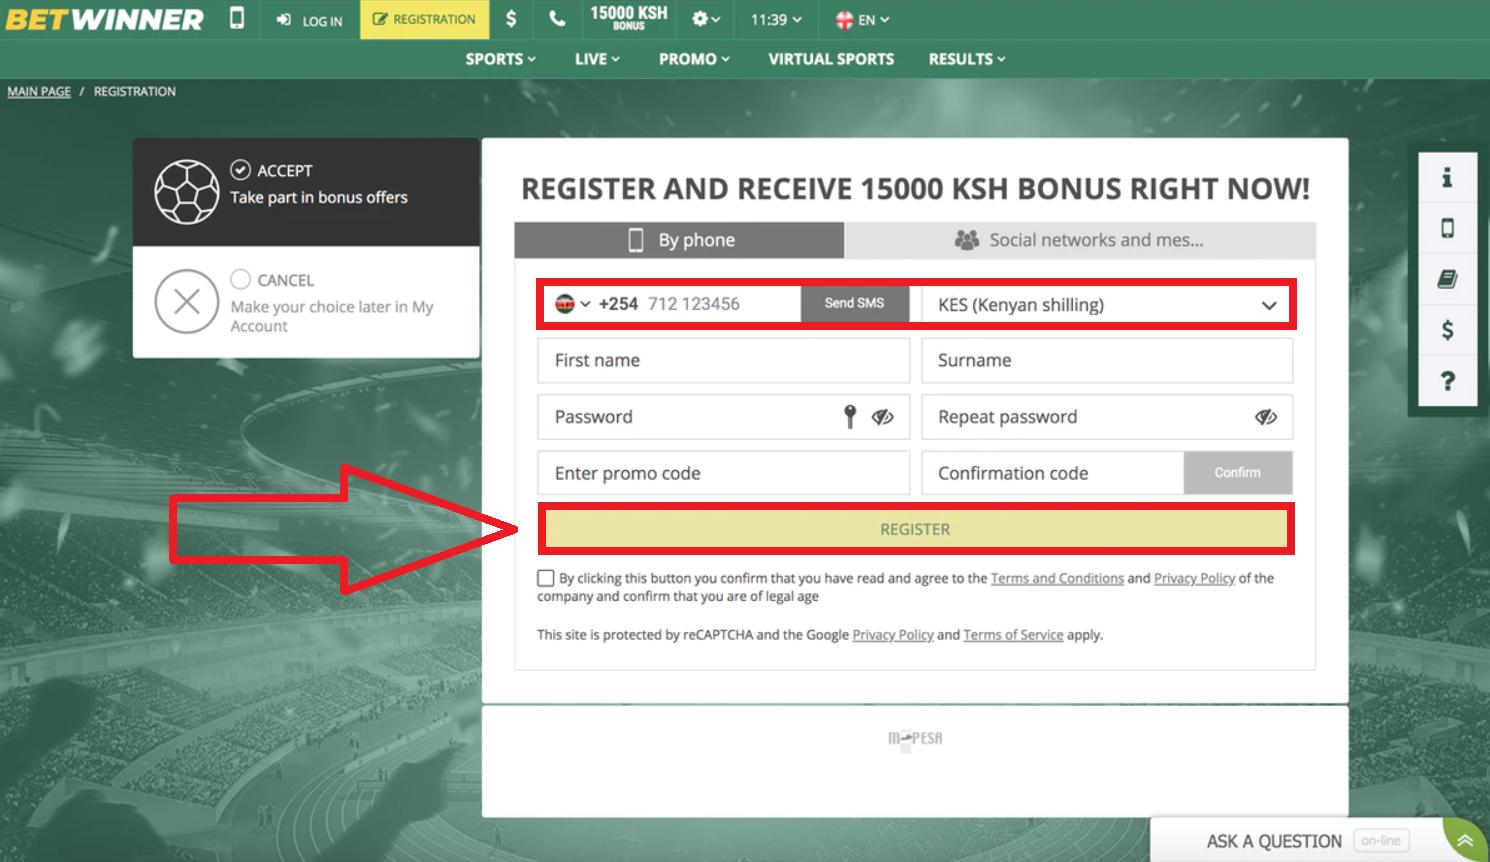 Betwinner registro requirements